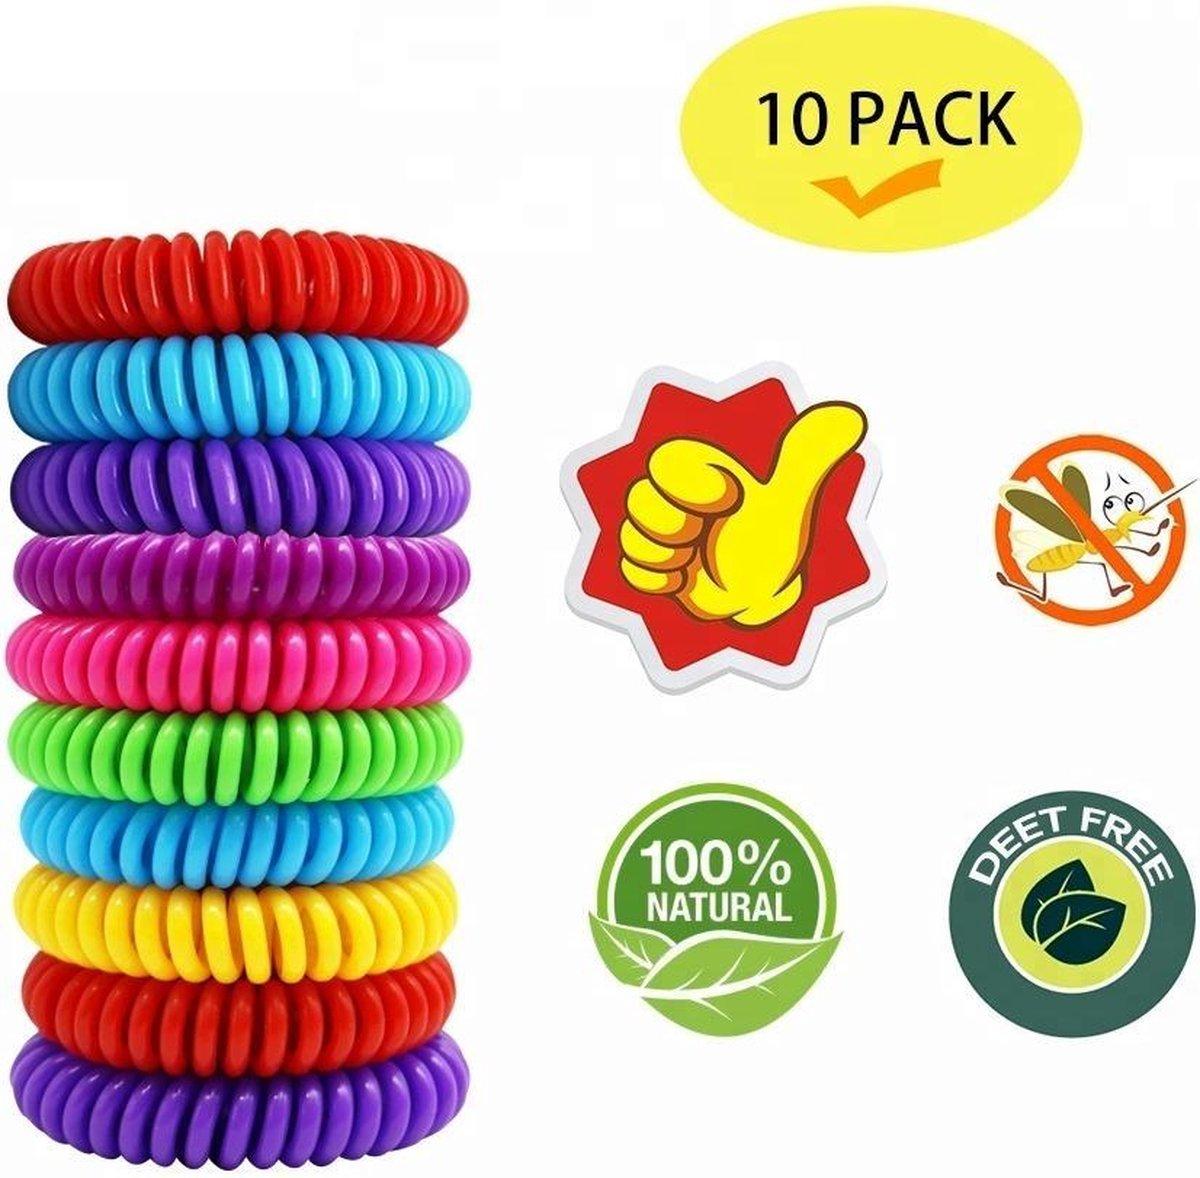 Muggenbandje 10 stuks - Anti muggen armband - 10 stuk - muggen armbandjes - DEET vrij - muggen verja